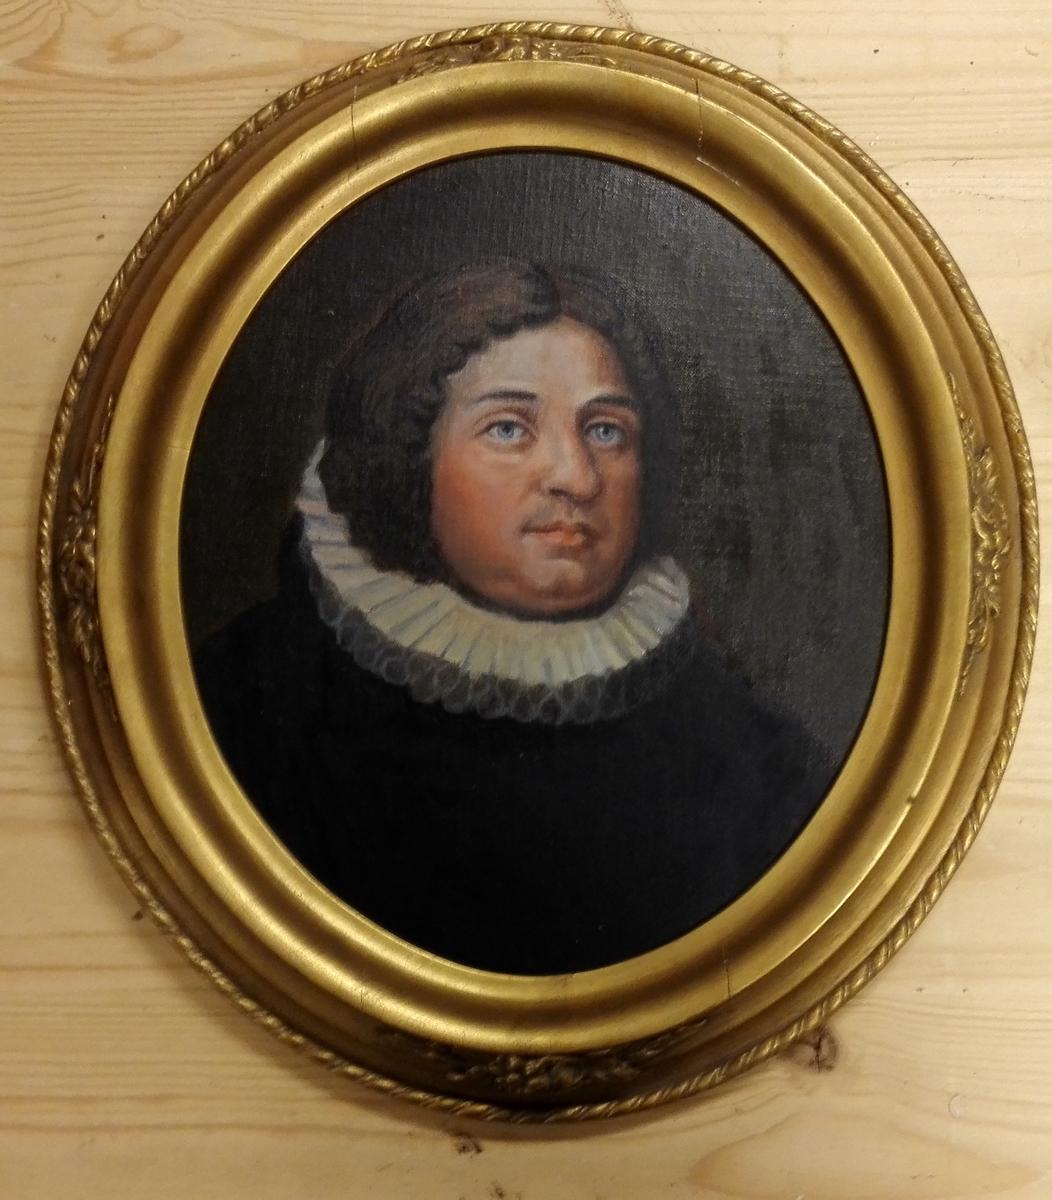 Måleriet er temmeleg sikkert kopi av eit gamalt portrett av Anders Jonasson Daae (1680-1763) frå Trondheim, busett i Vik. Prest og jordeigar. Sokneprest i Vik frå 1708 til 1763, prost frå 1718. Det har oval gullforgylt ramme.